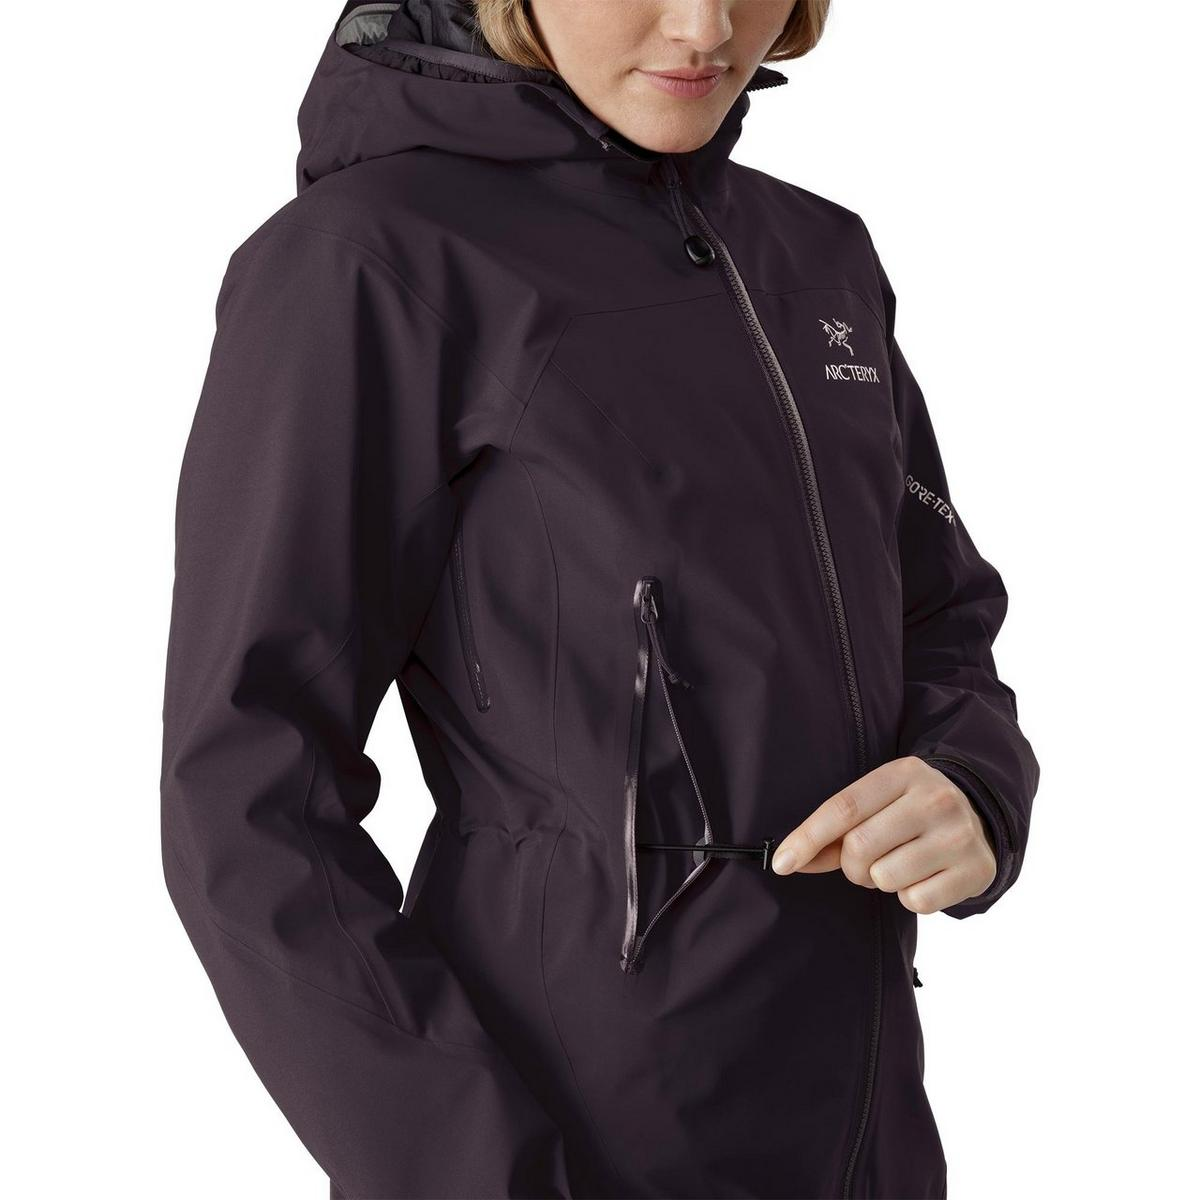 Arcteryx Women's Zeta AR Jacket - Dimma